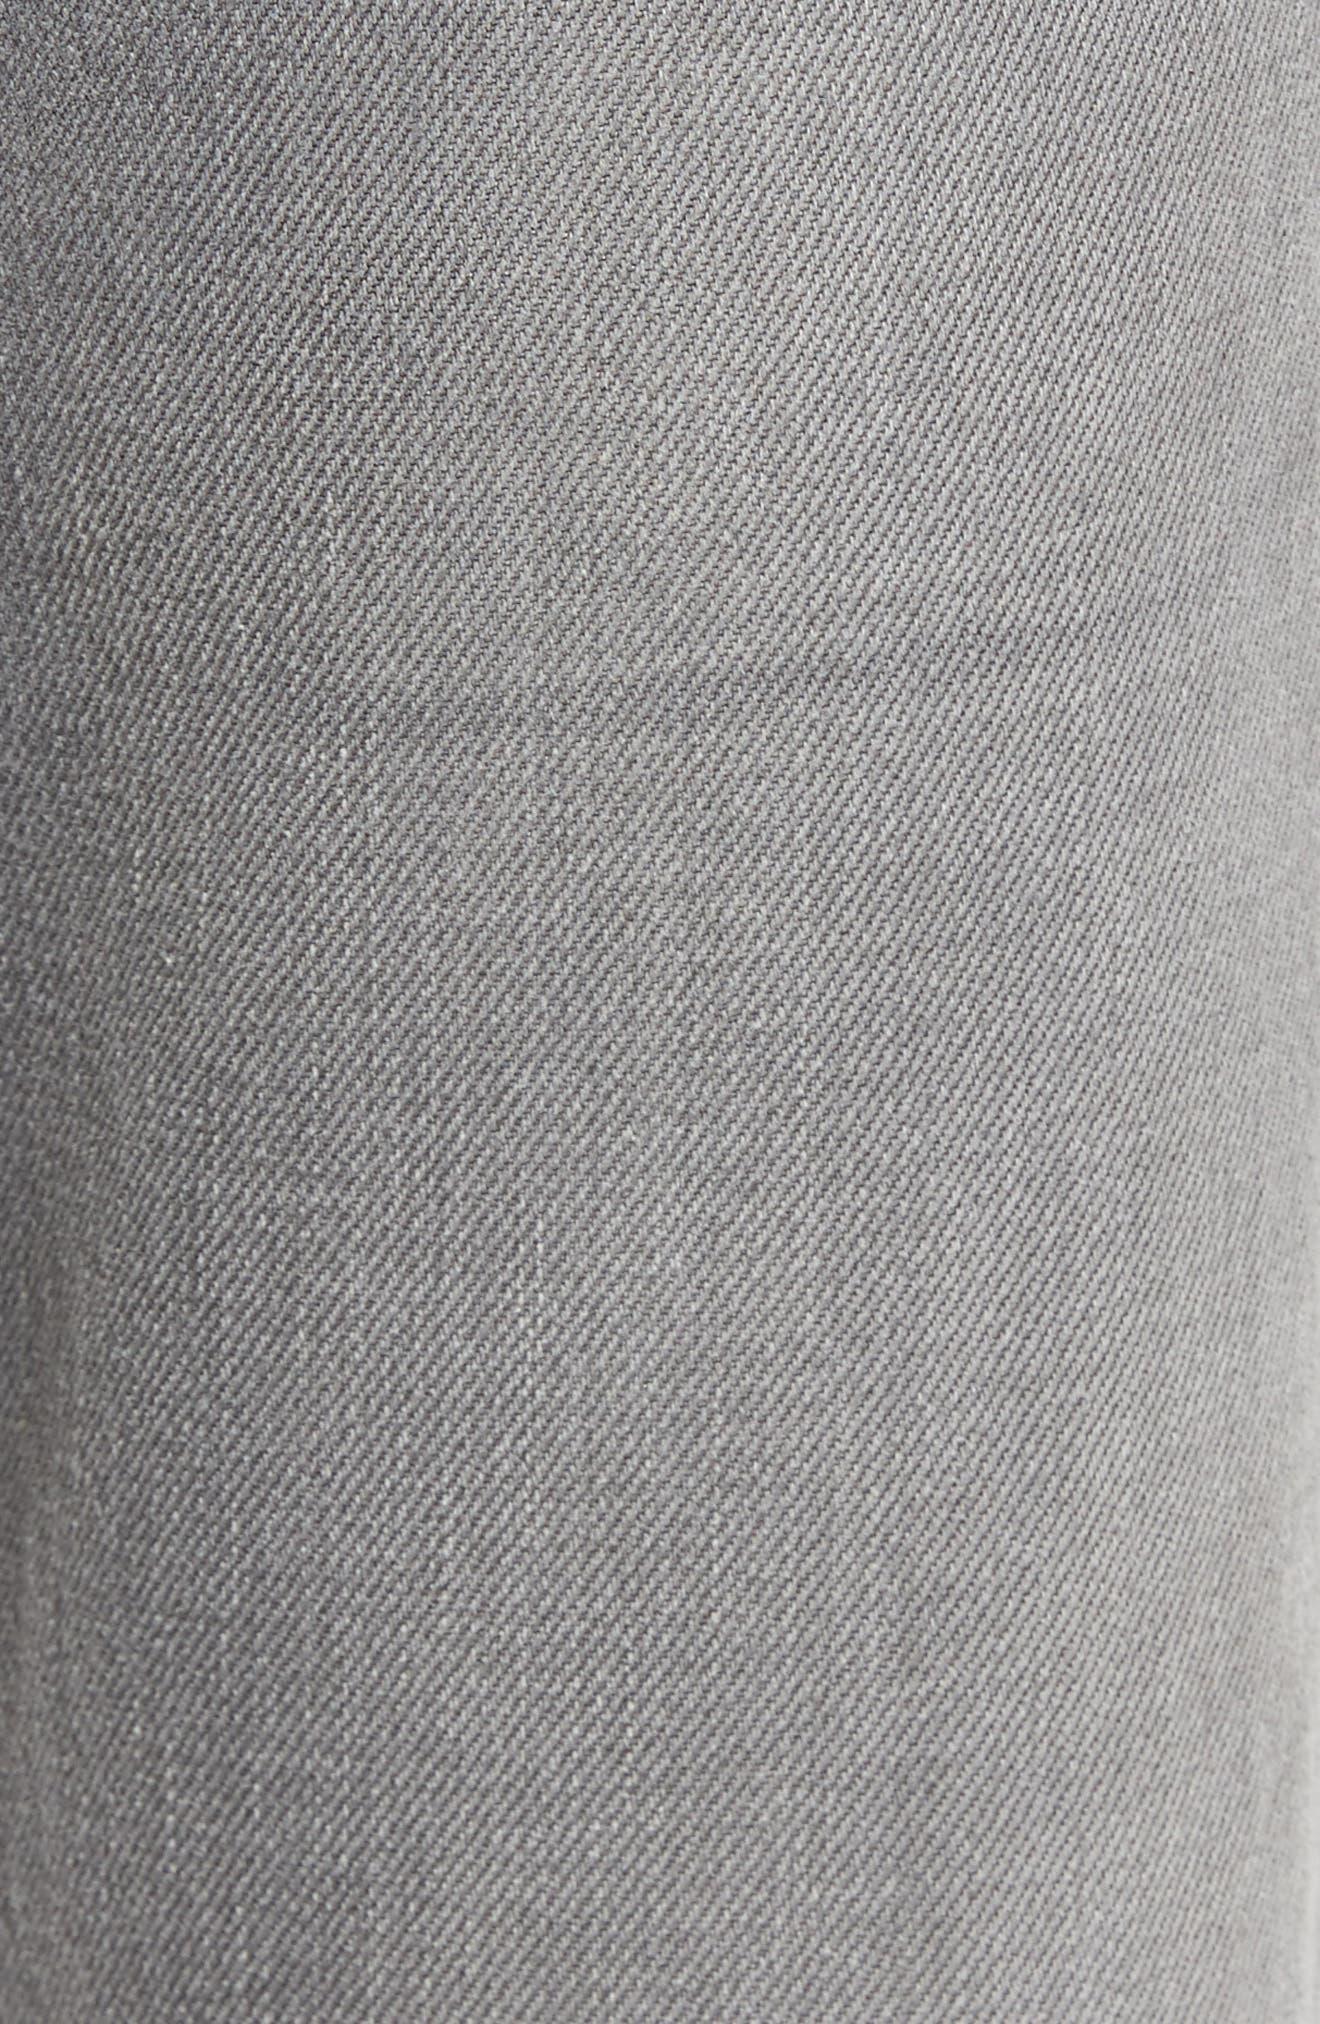 L'Homme Slim Fit Jeans,                             Alternate thumbnail 5, color,                             Grey Fox